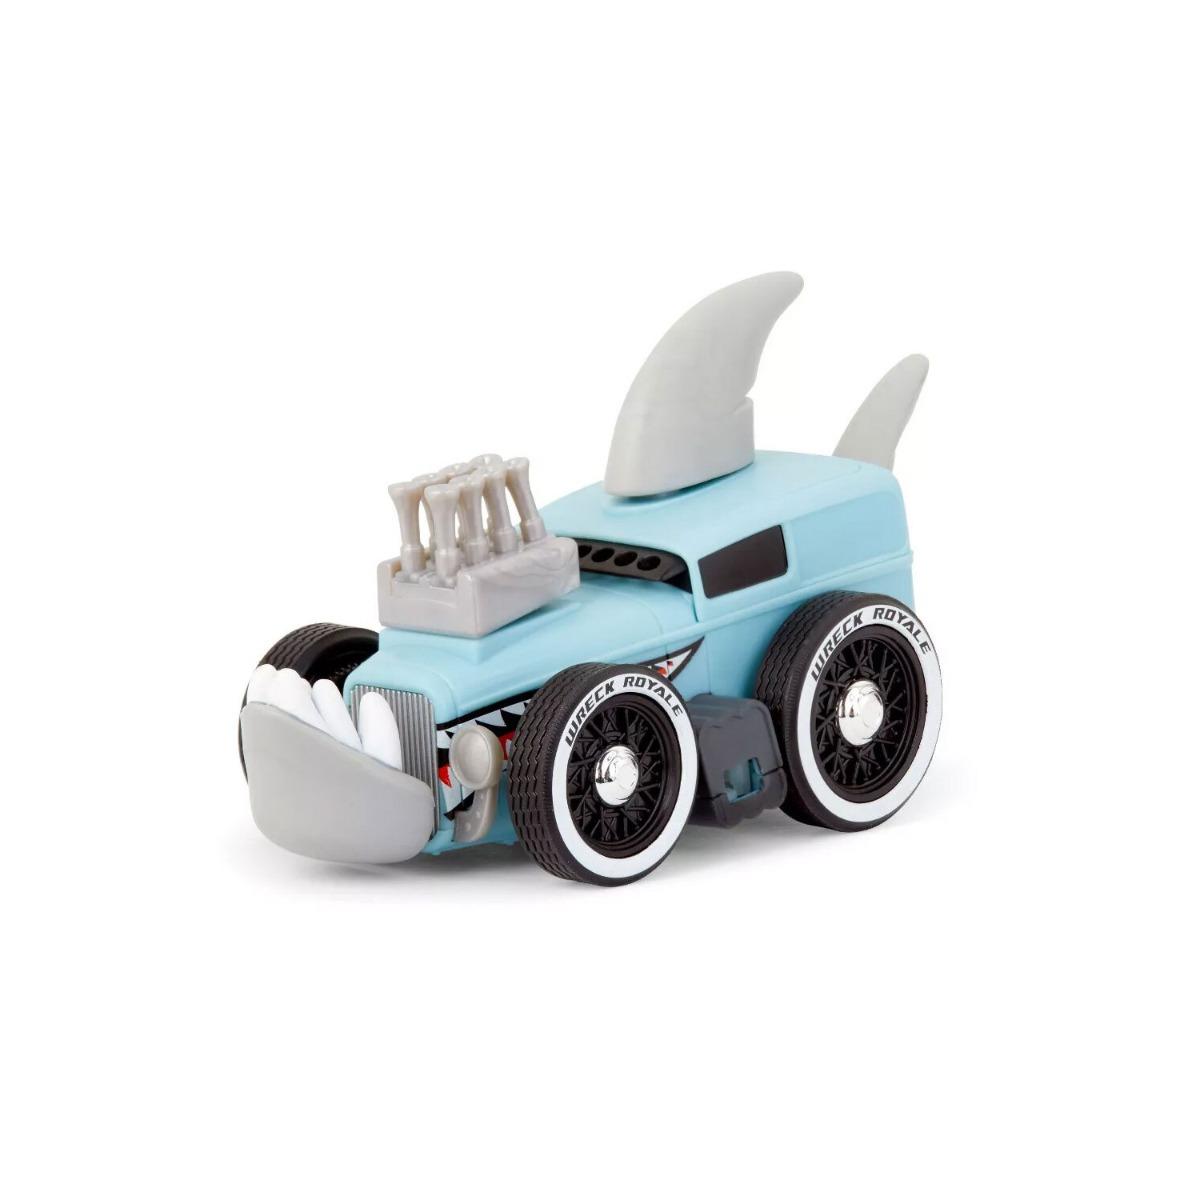 Masinuta Wreck Royale, Ricky Rodder, 565710E7C